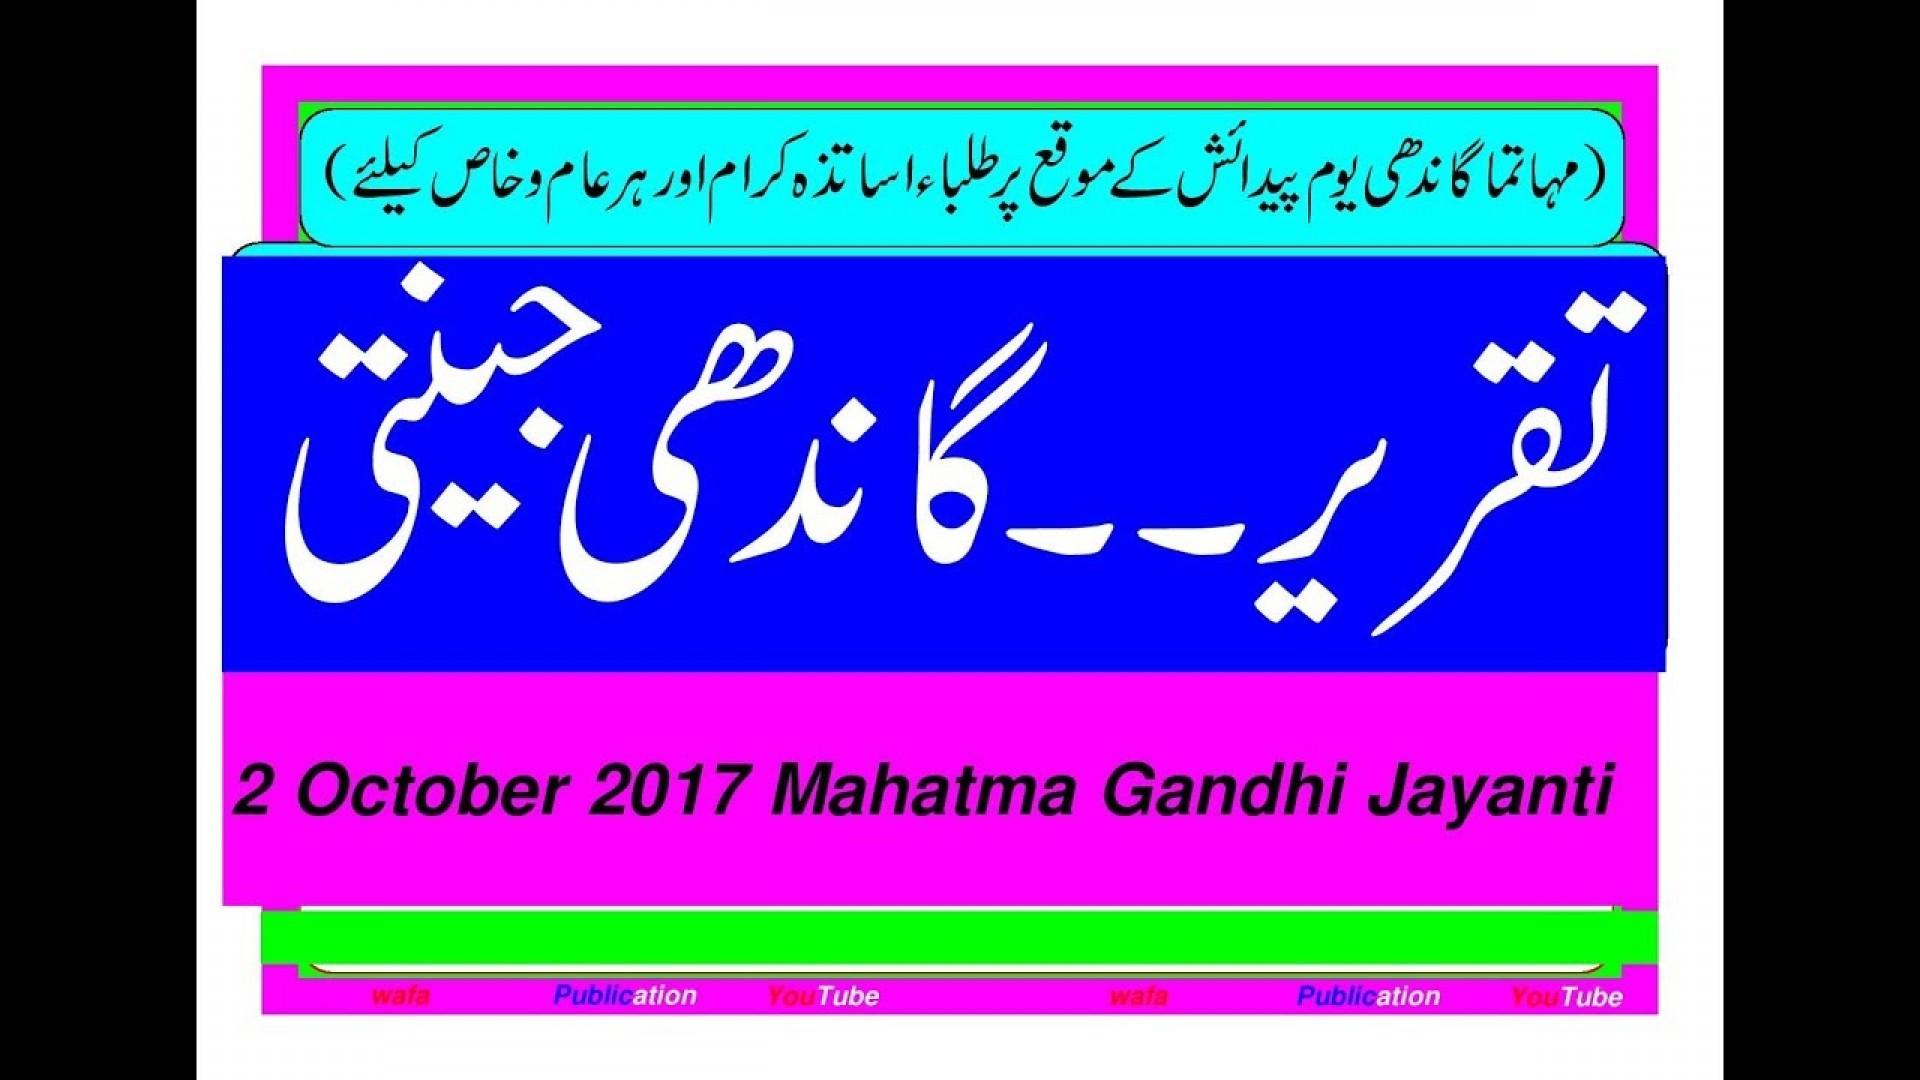 016 Essay Example Mahatma Gandhi In Urdu Imposing Language Jayanti Speech 1920